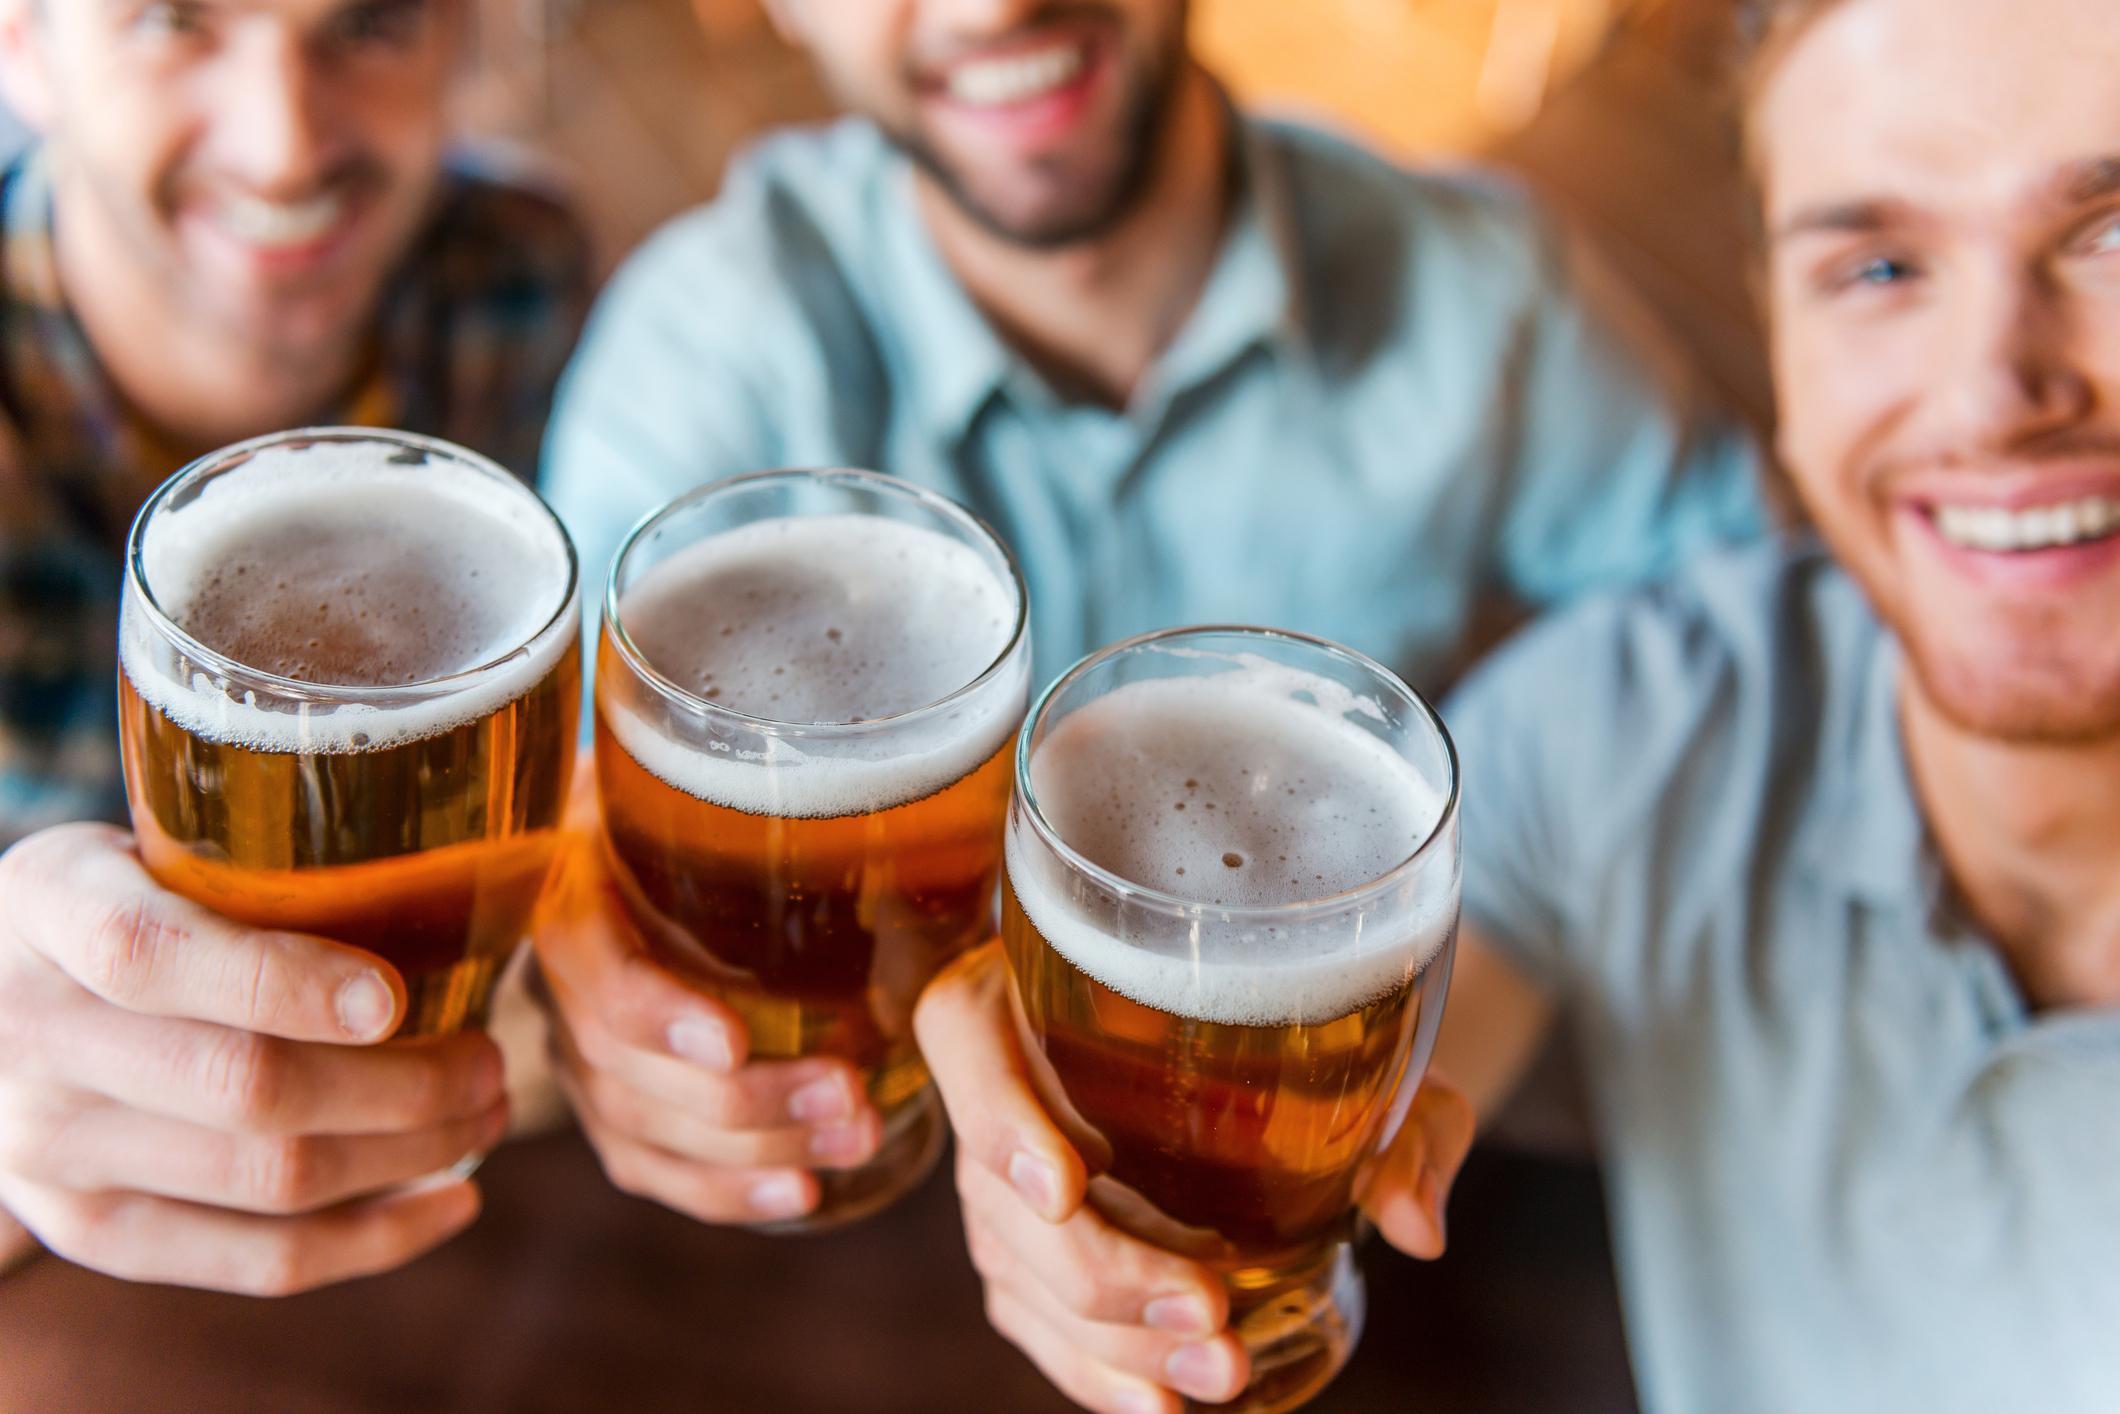 Една бира – 500 милилитра, съдържа 180 калории или приблизително толкова, колкото парче пица или един среден по големина салам.